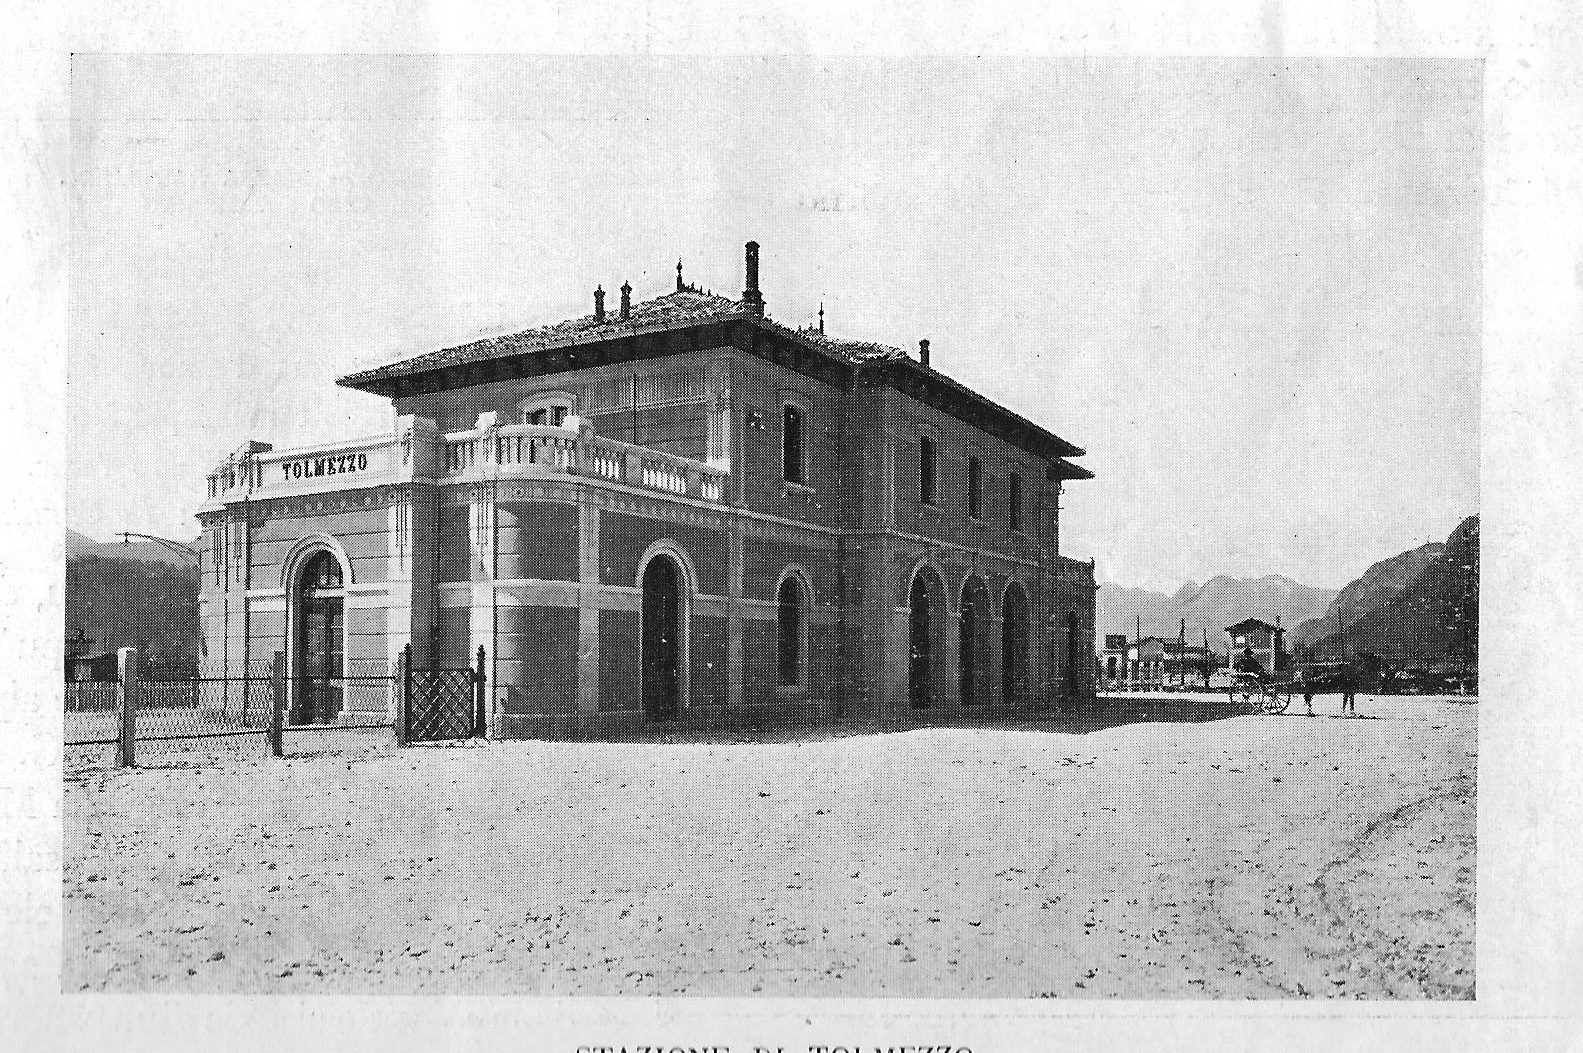 Stazione di Tolmezzo